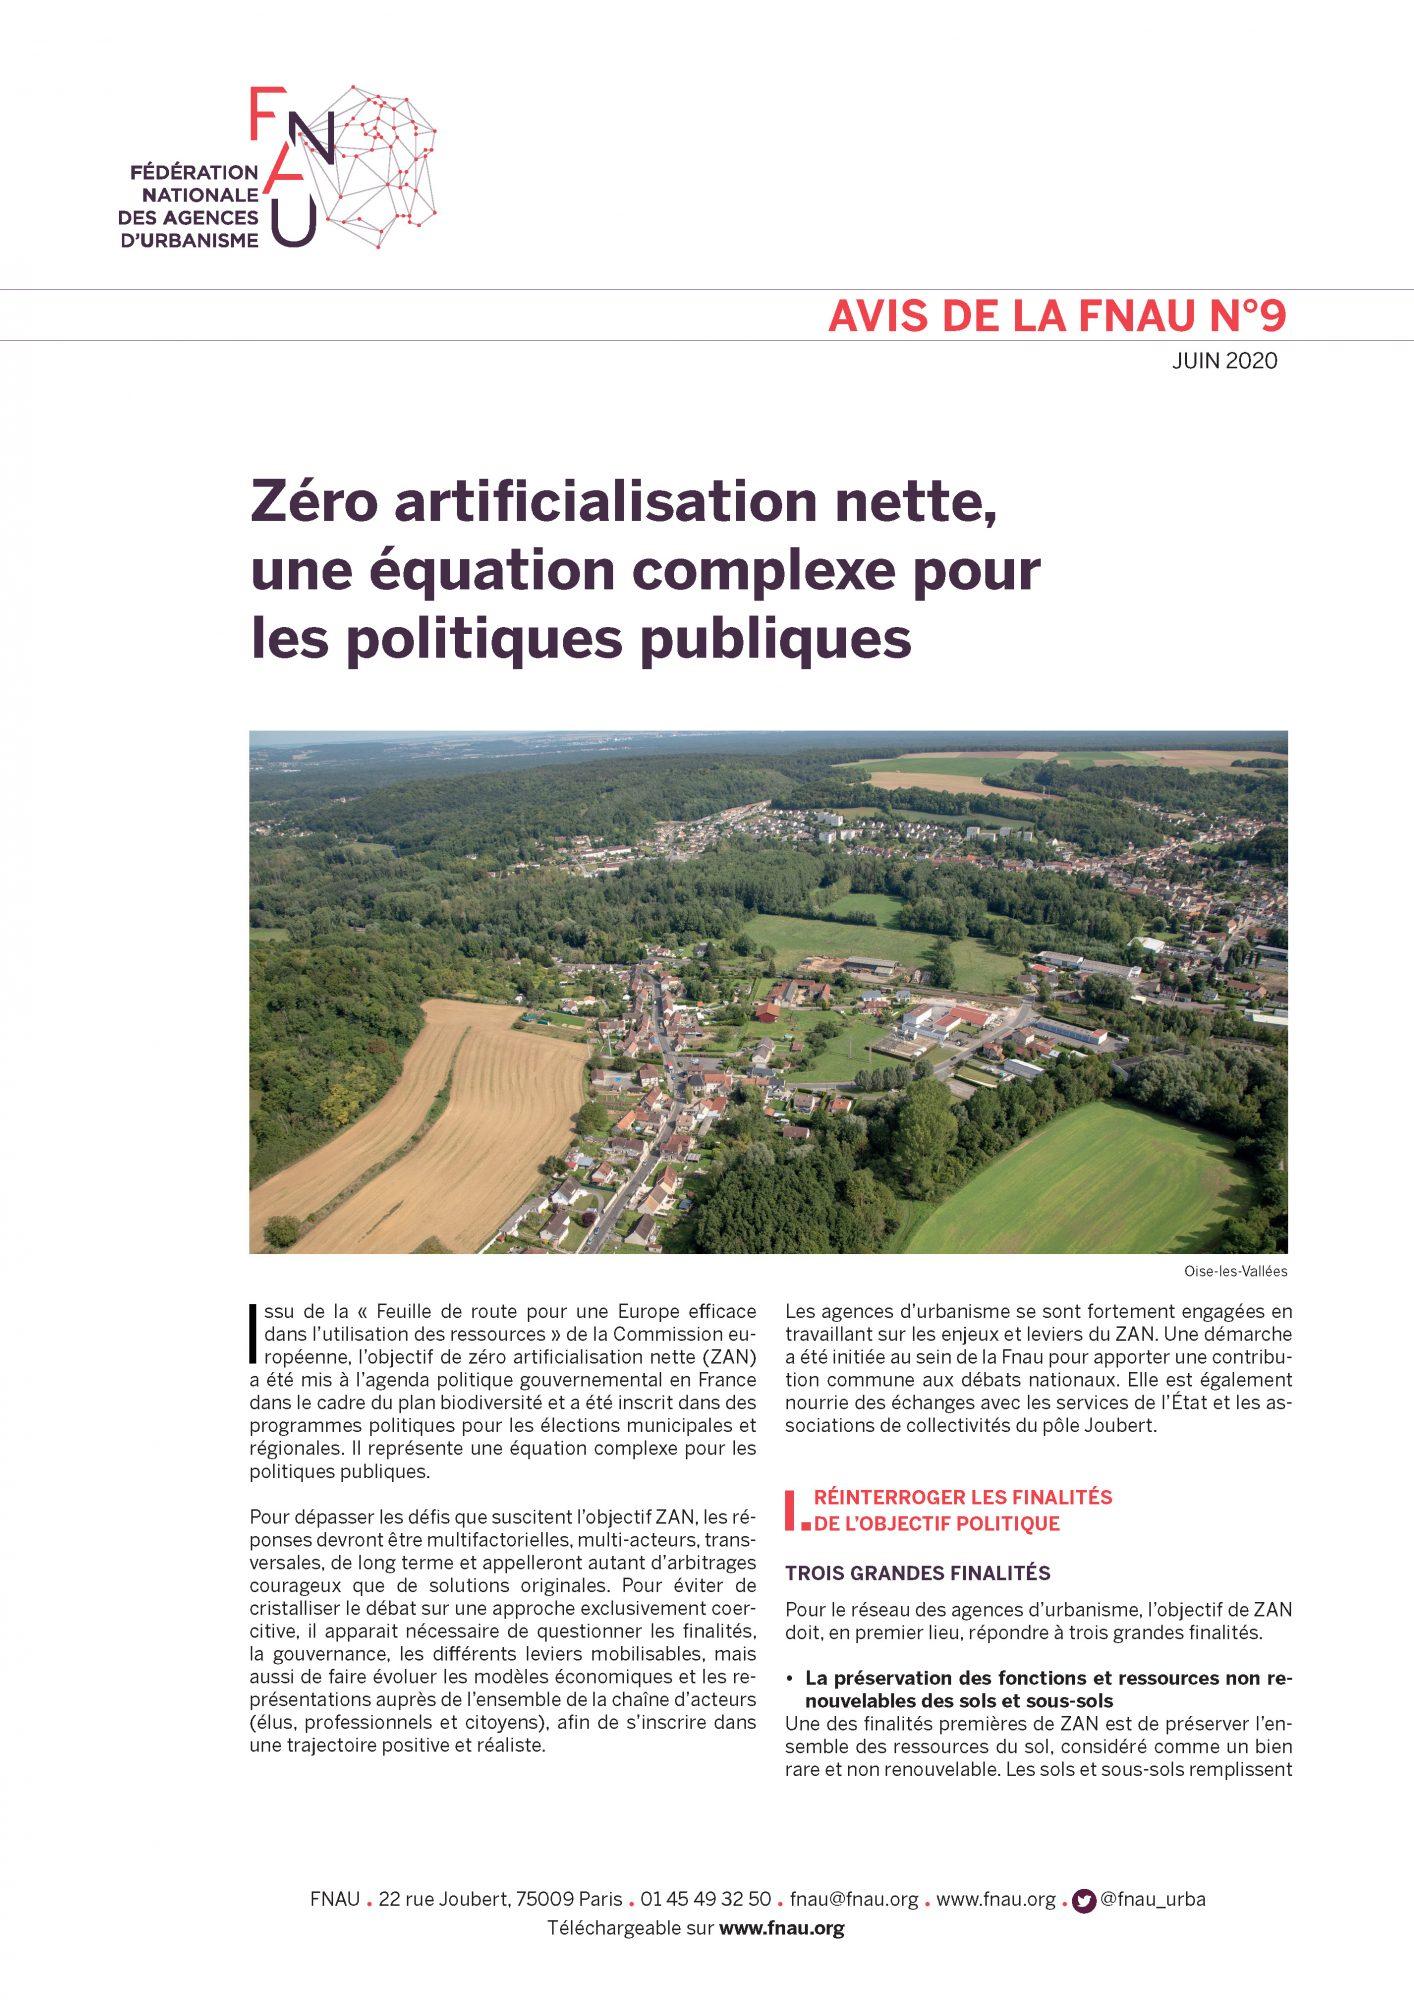 Avis FNAU n°9, zéro artificialisation nette (juin 2020)